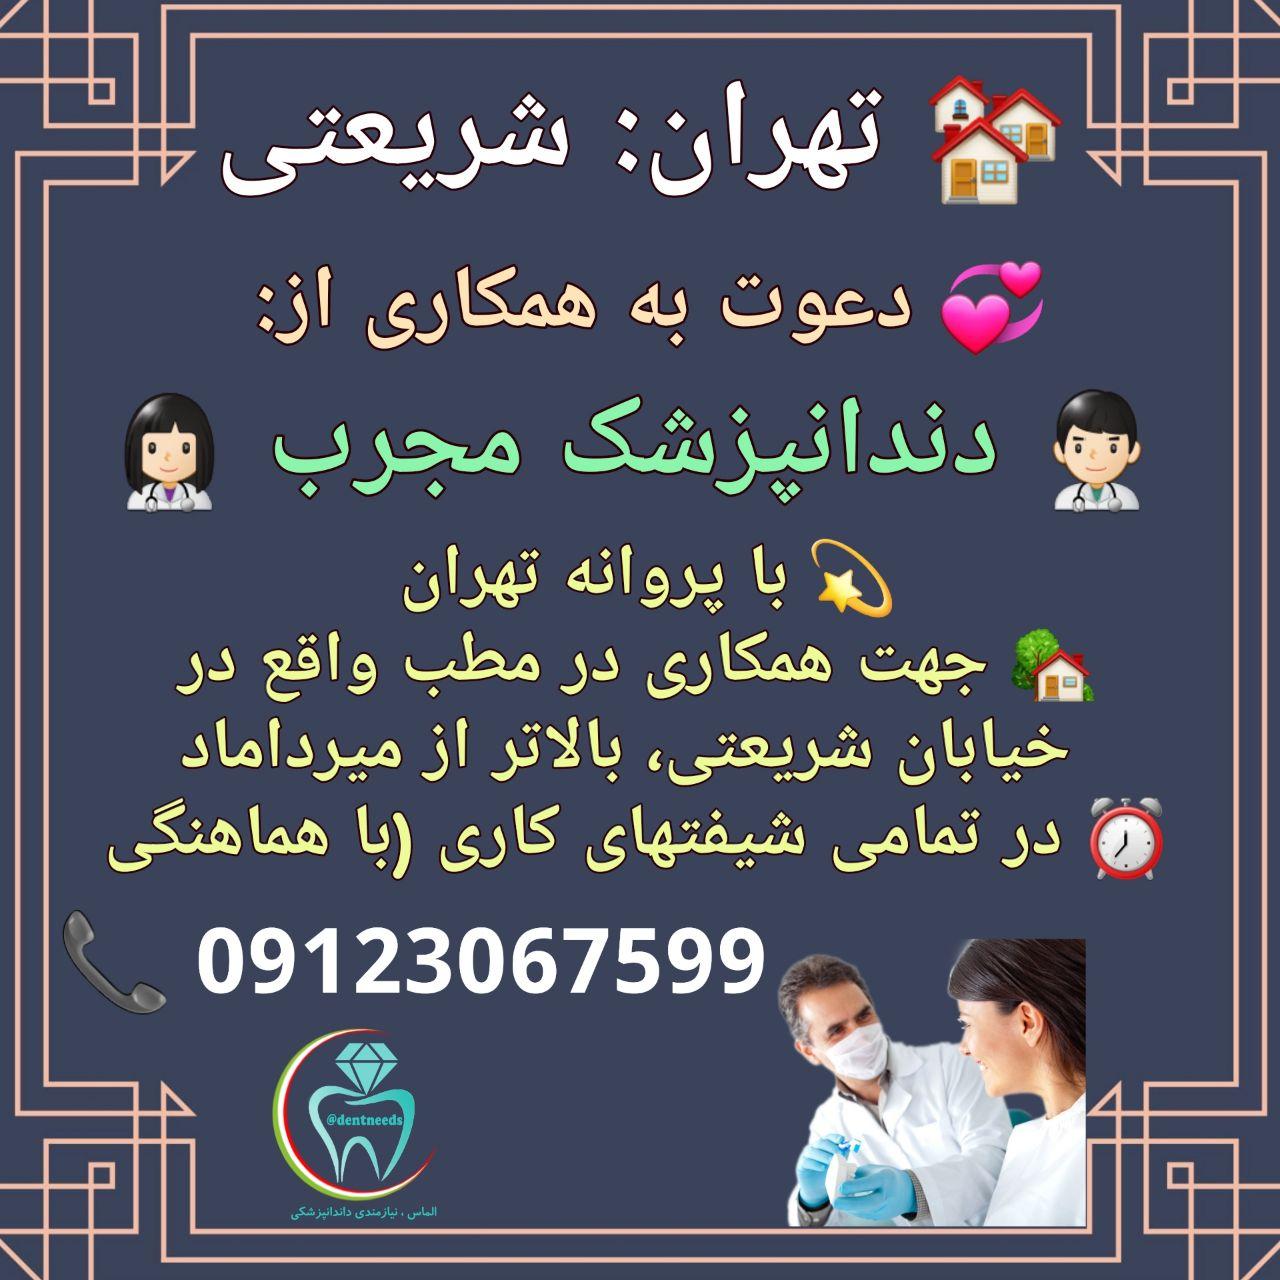 تهران: شریعتی، دعوت به همکاری از دندانپزشک مجرب